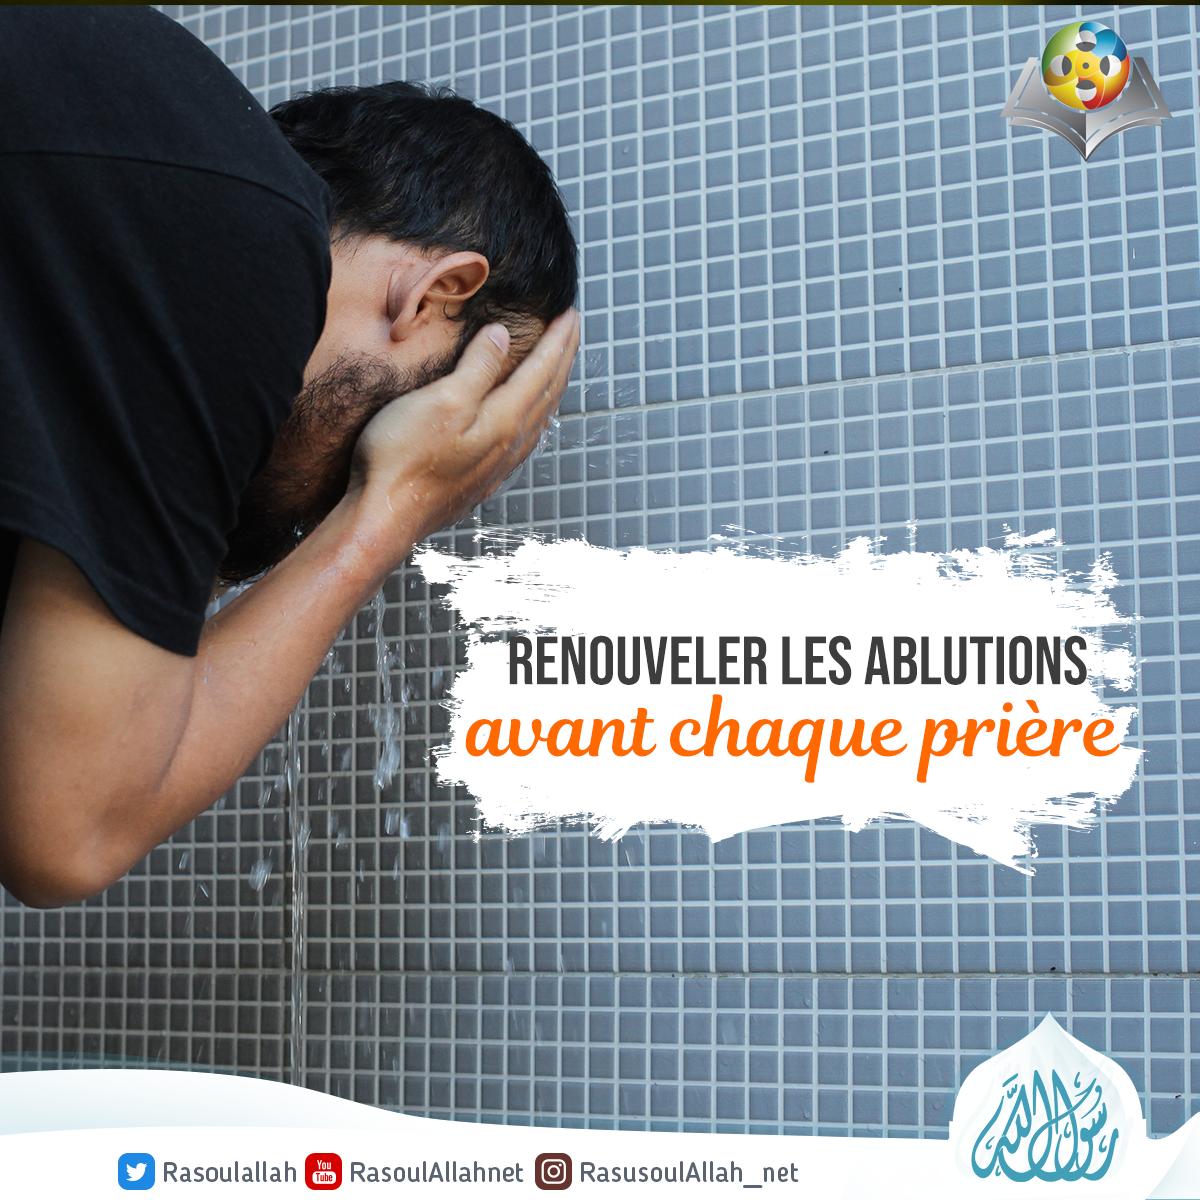 Renouveler les ablutions avant chaque prière